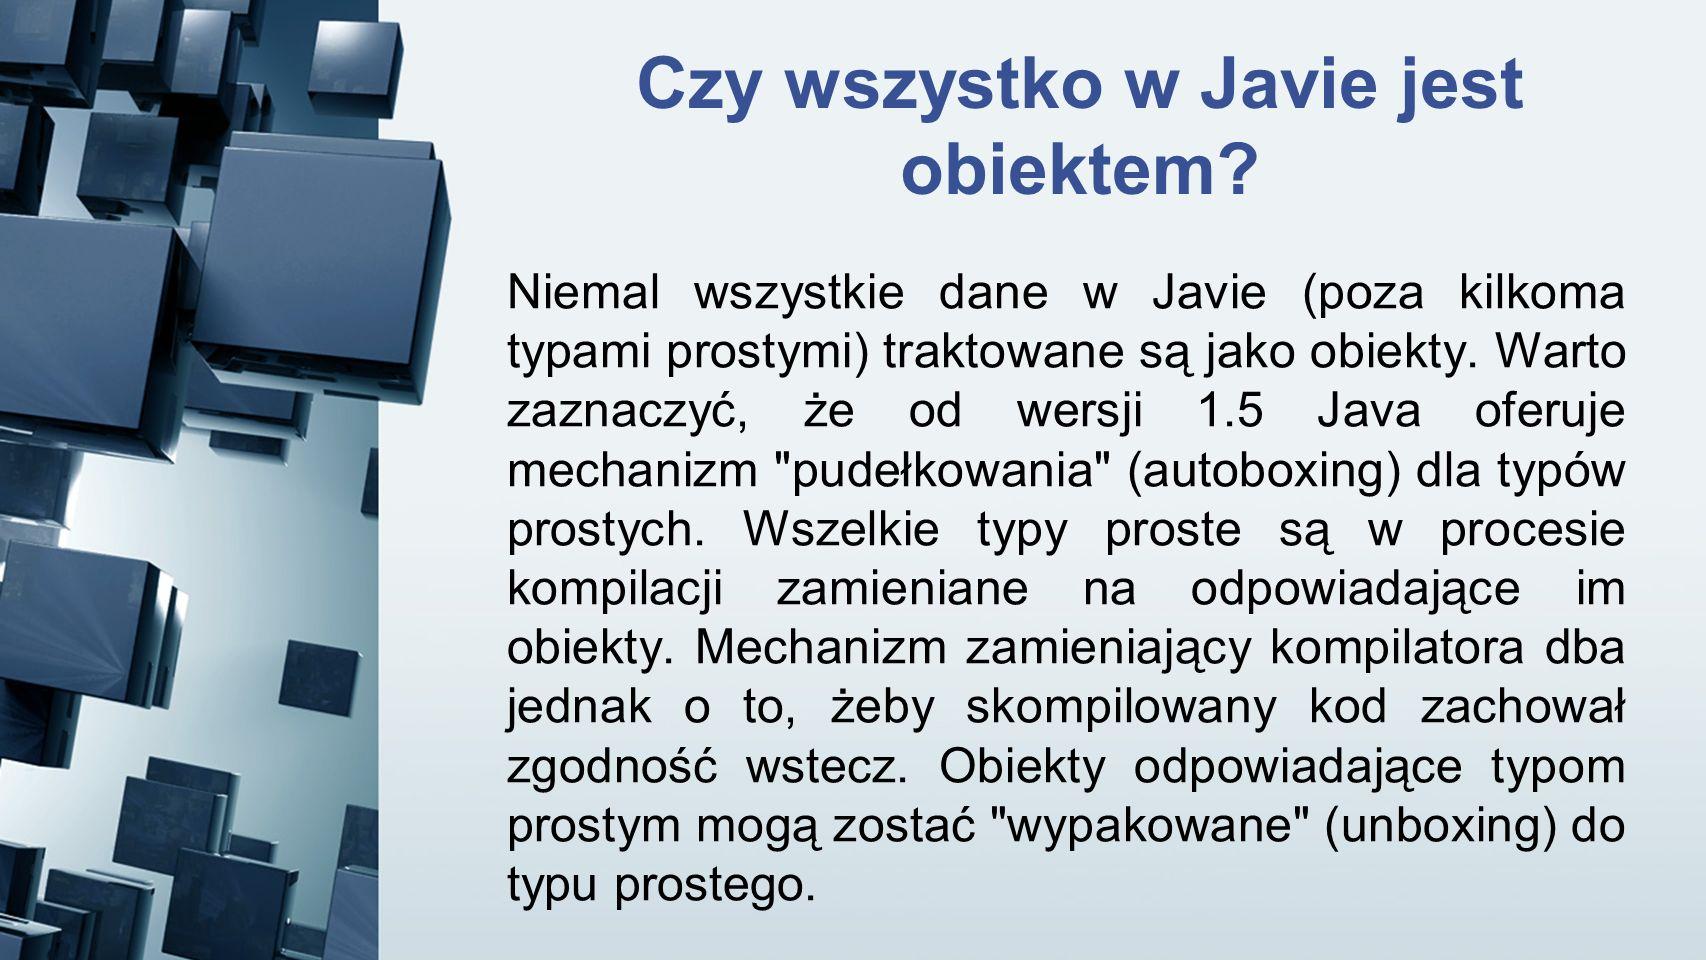 Czy wszystko w Javie jest obiektem? Niemal wszystkie dane w Javie (poza kilkoma typami prostymi) traktowane są jako obiekty. Warto zaznaczyć, że od we